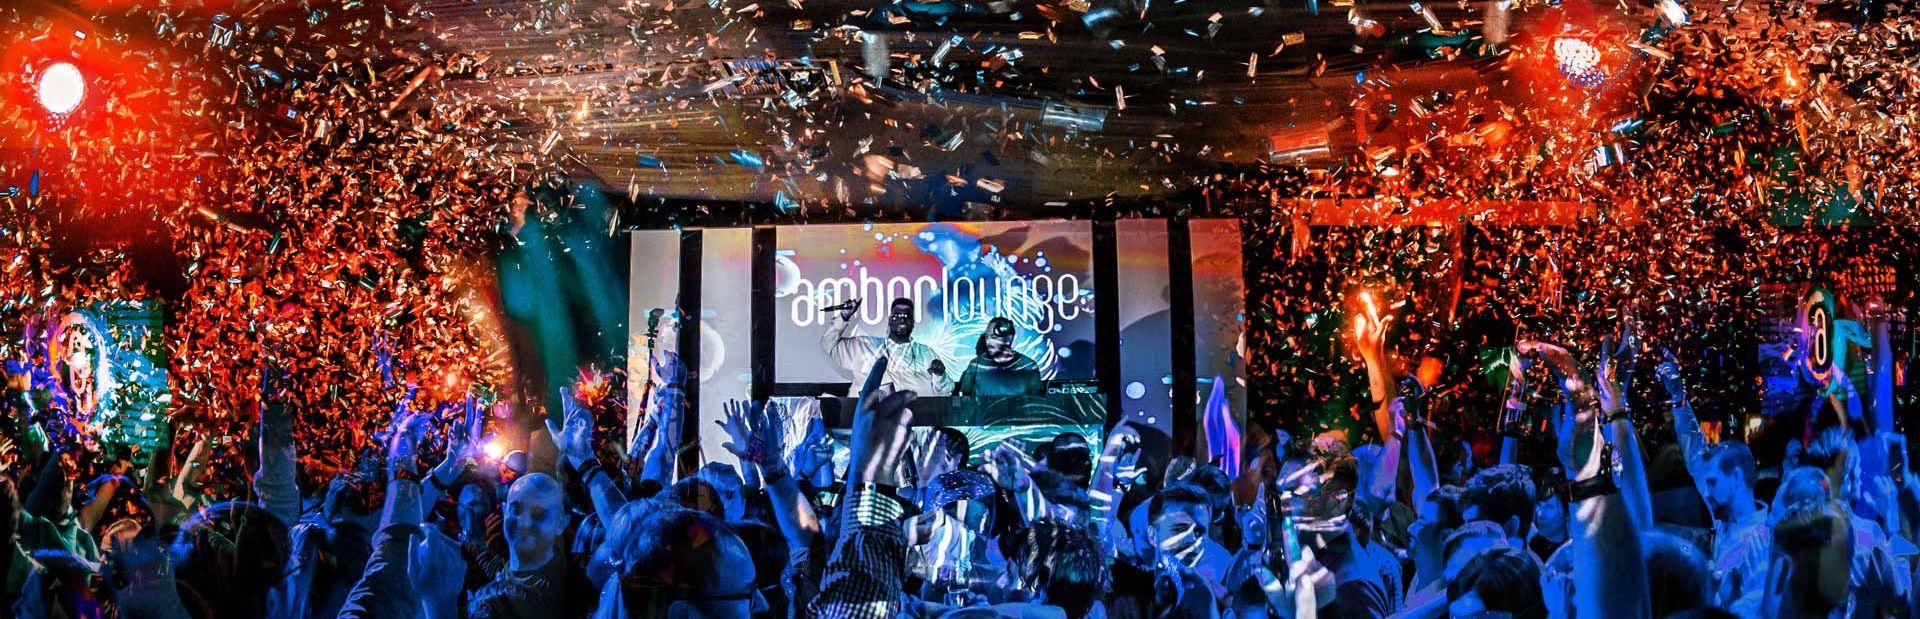 Amber Lounge Abu Dhabi Image 1